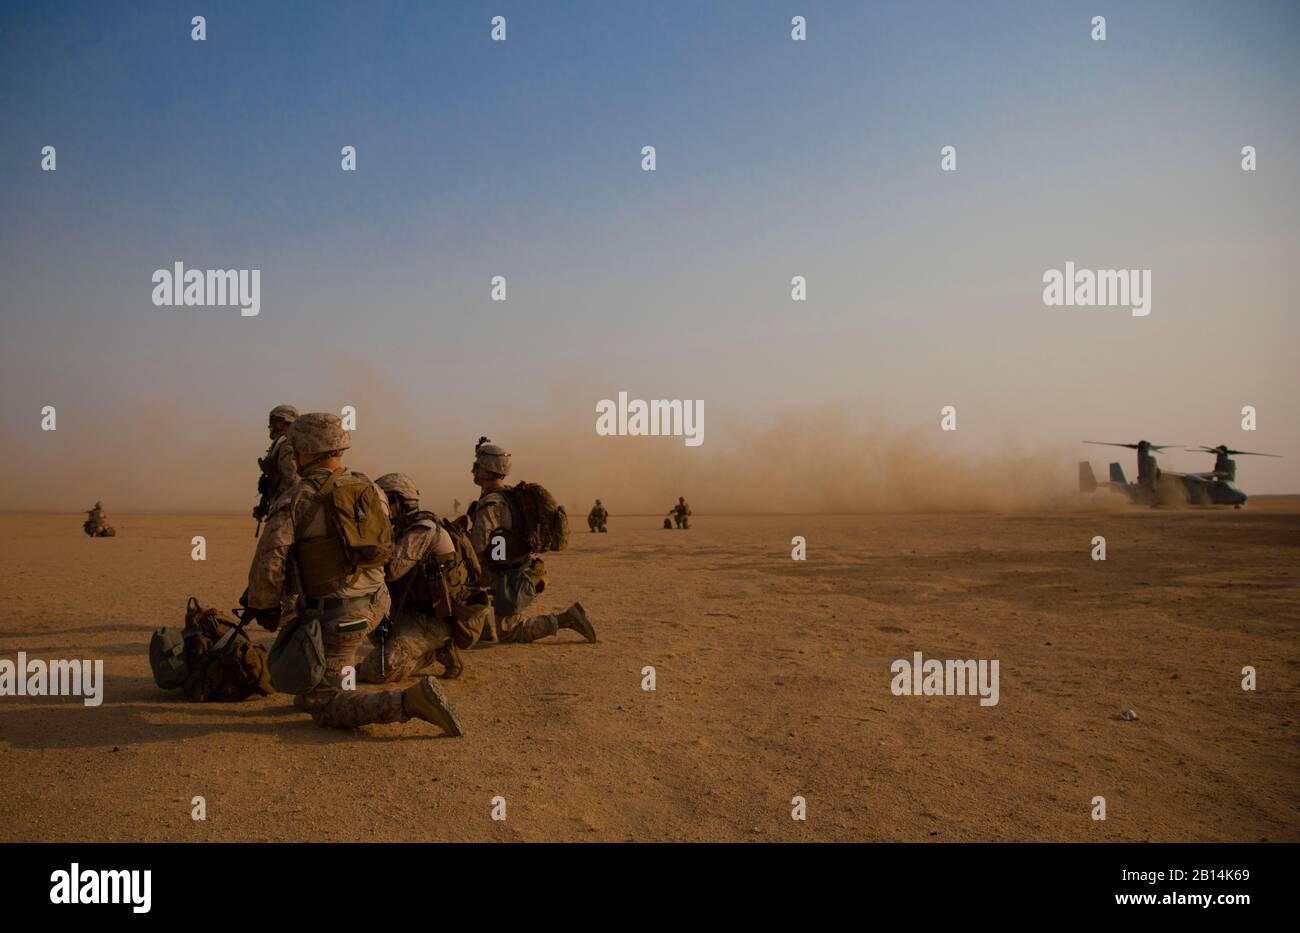 Infantes de Marina de EE.UU. Con el primer Batallón, 7º Regimiento Marino, adscrita al comando Central de respuesta A Crisis de la Fuerza de tarea Aire-Tierra Marina De Propósito Especial, post-seguridad durante una recuperación táctica De Aeronaves y Ejercicio De Personal en el Campamento Buehring, Kuwait, 7 de agosto de 2019. El SPMAGTF-CR-CC es un proveedor de múltiples fuerzas diseñado para emplear capacidades de tierra, logística y aire en todo el área de responsabilidad del comando Central. (EE.UU Marine Corps foto por Cpl. Miguel A. Rosales) Foto de stock